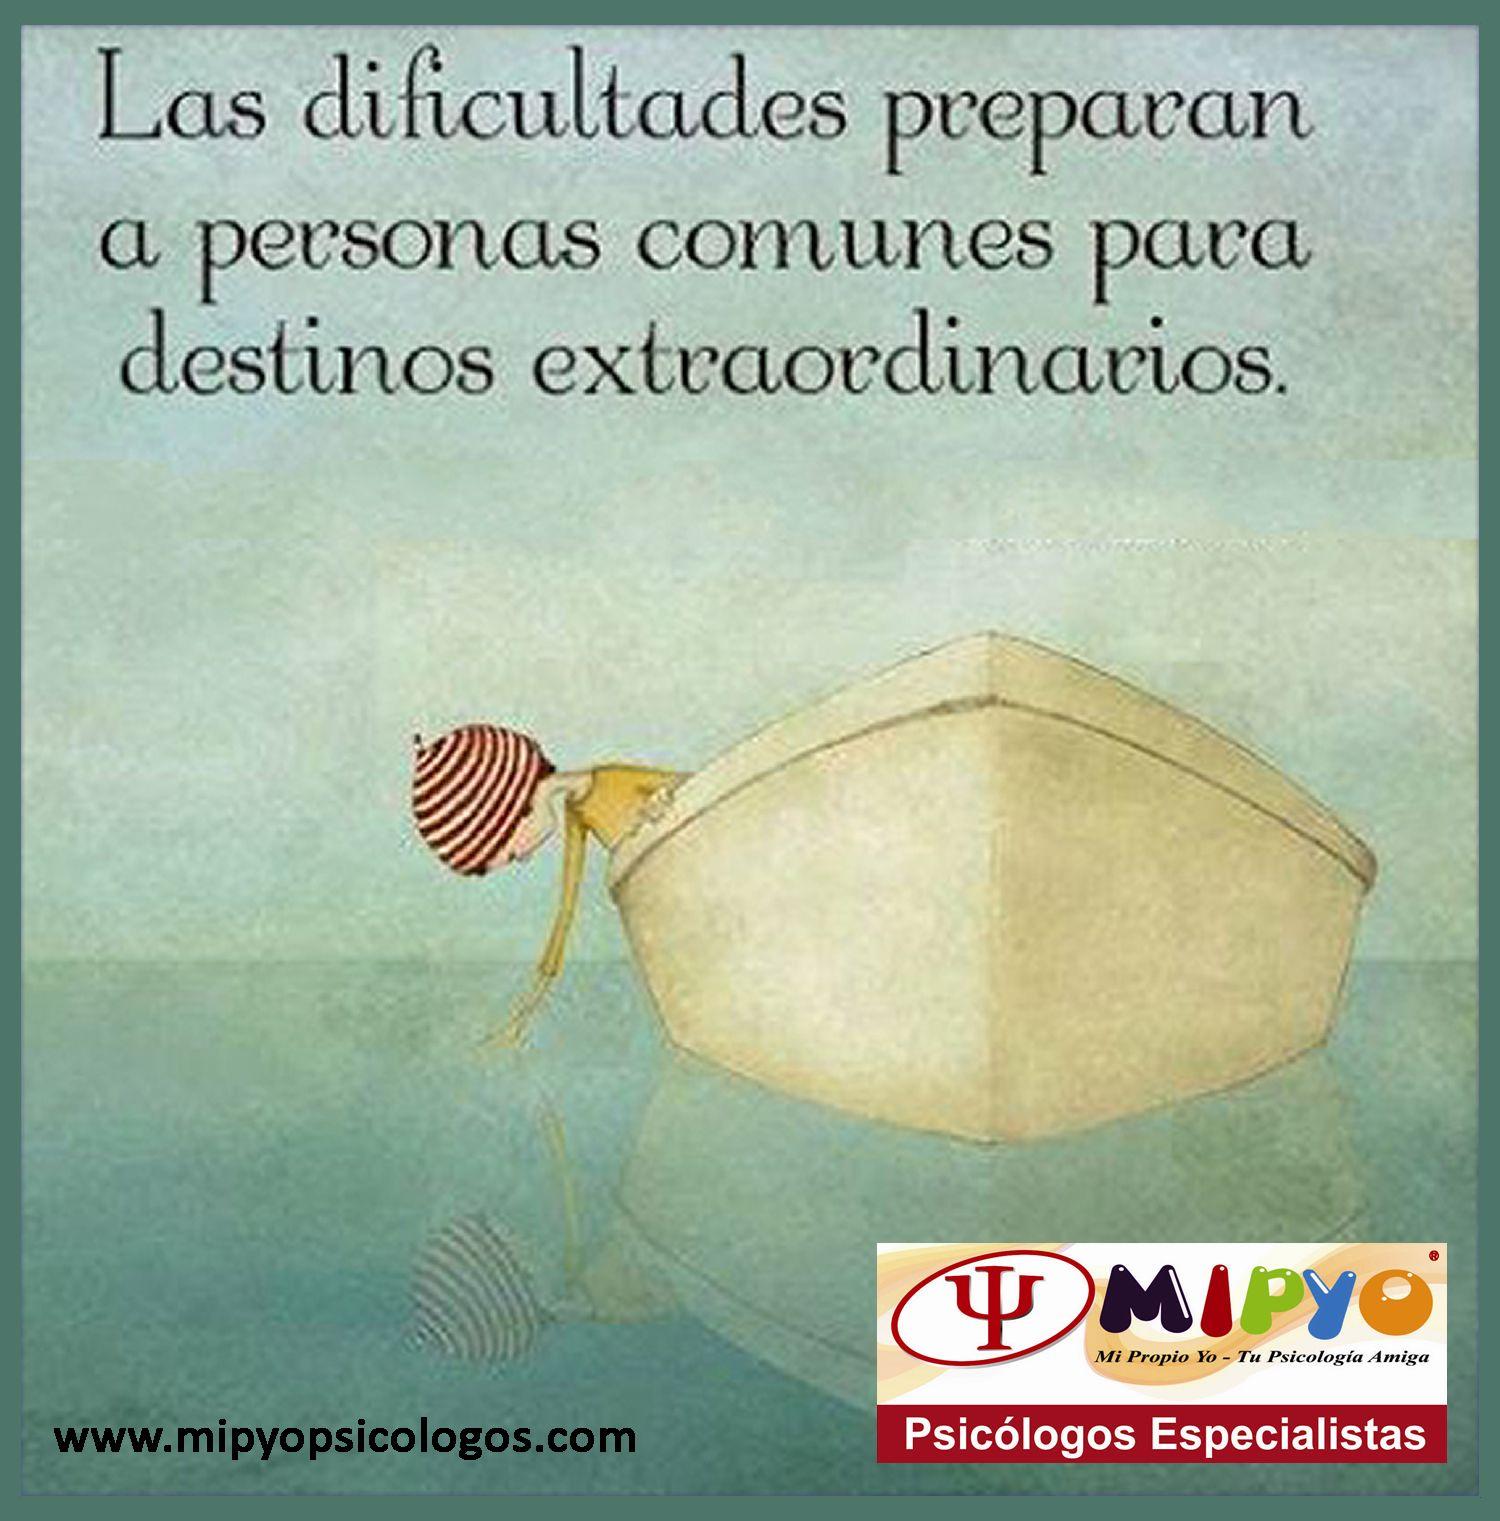 http://mipyopsicologos.blogspot.com/2014/08/www_67.html  www.mipyopsicologos.com  Encuentra Tu Propio Yo ... Mipyo !!!